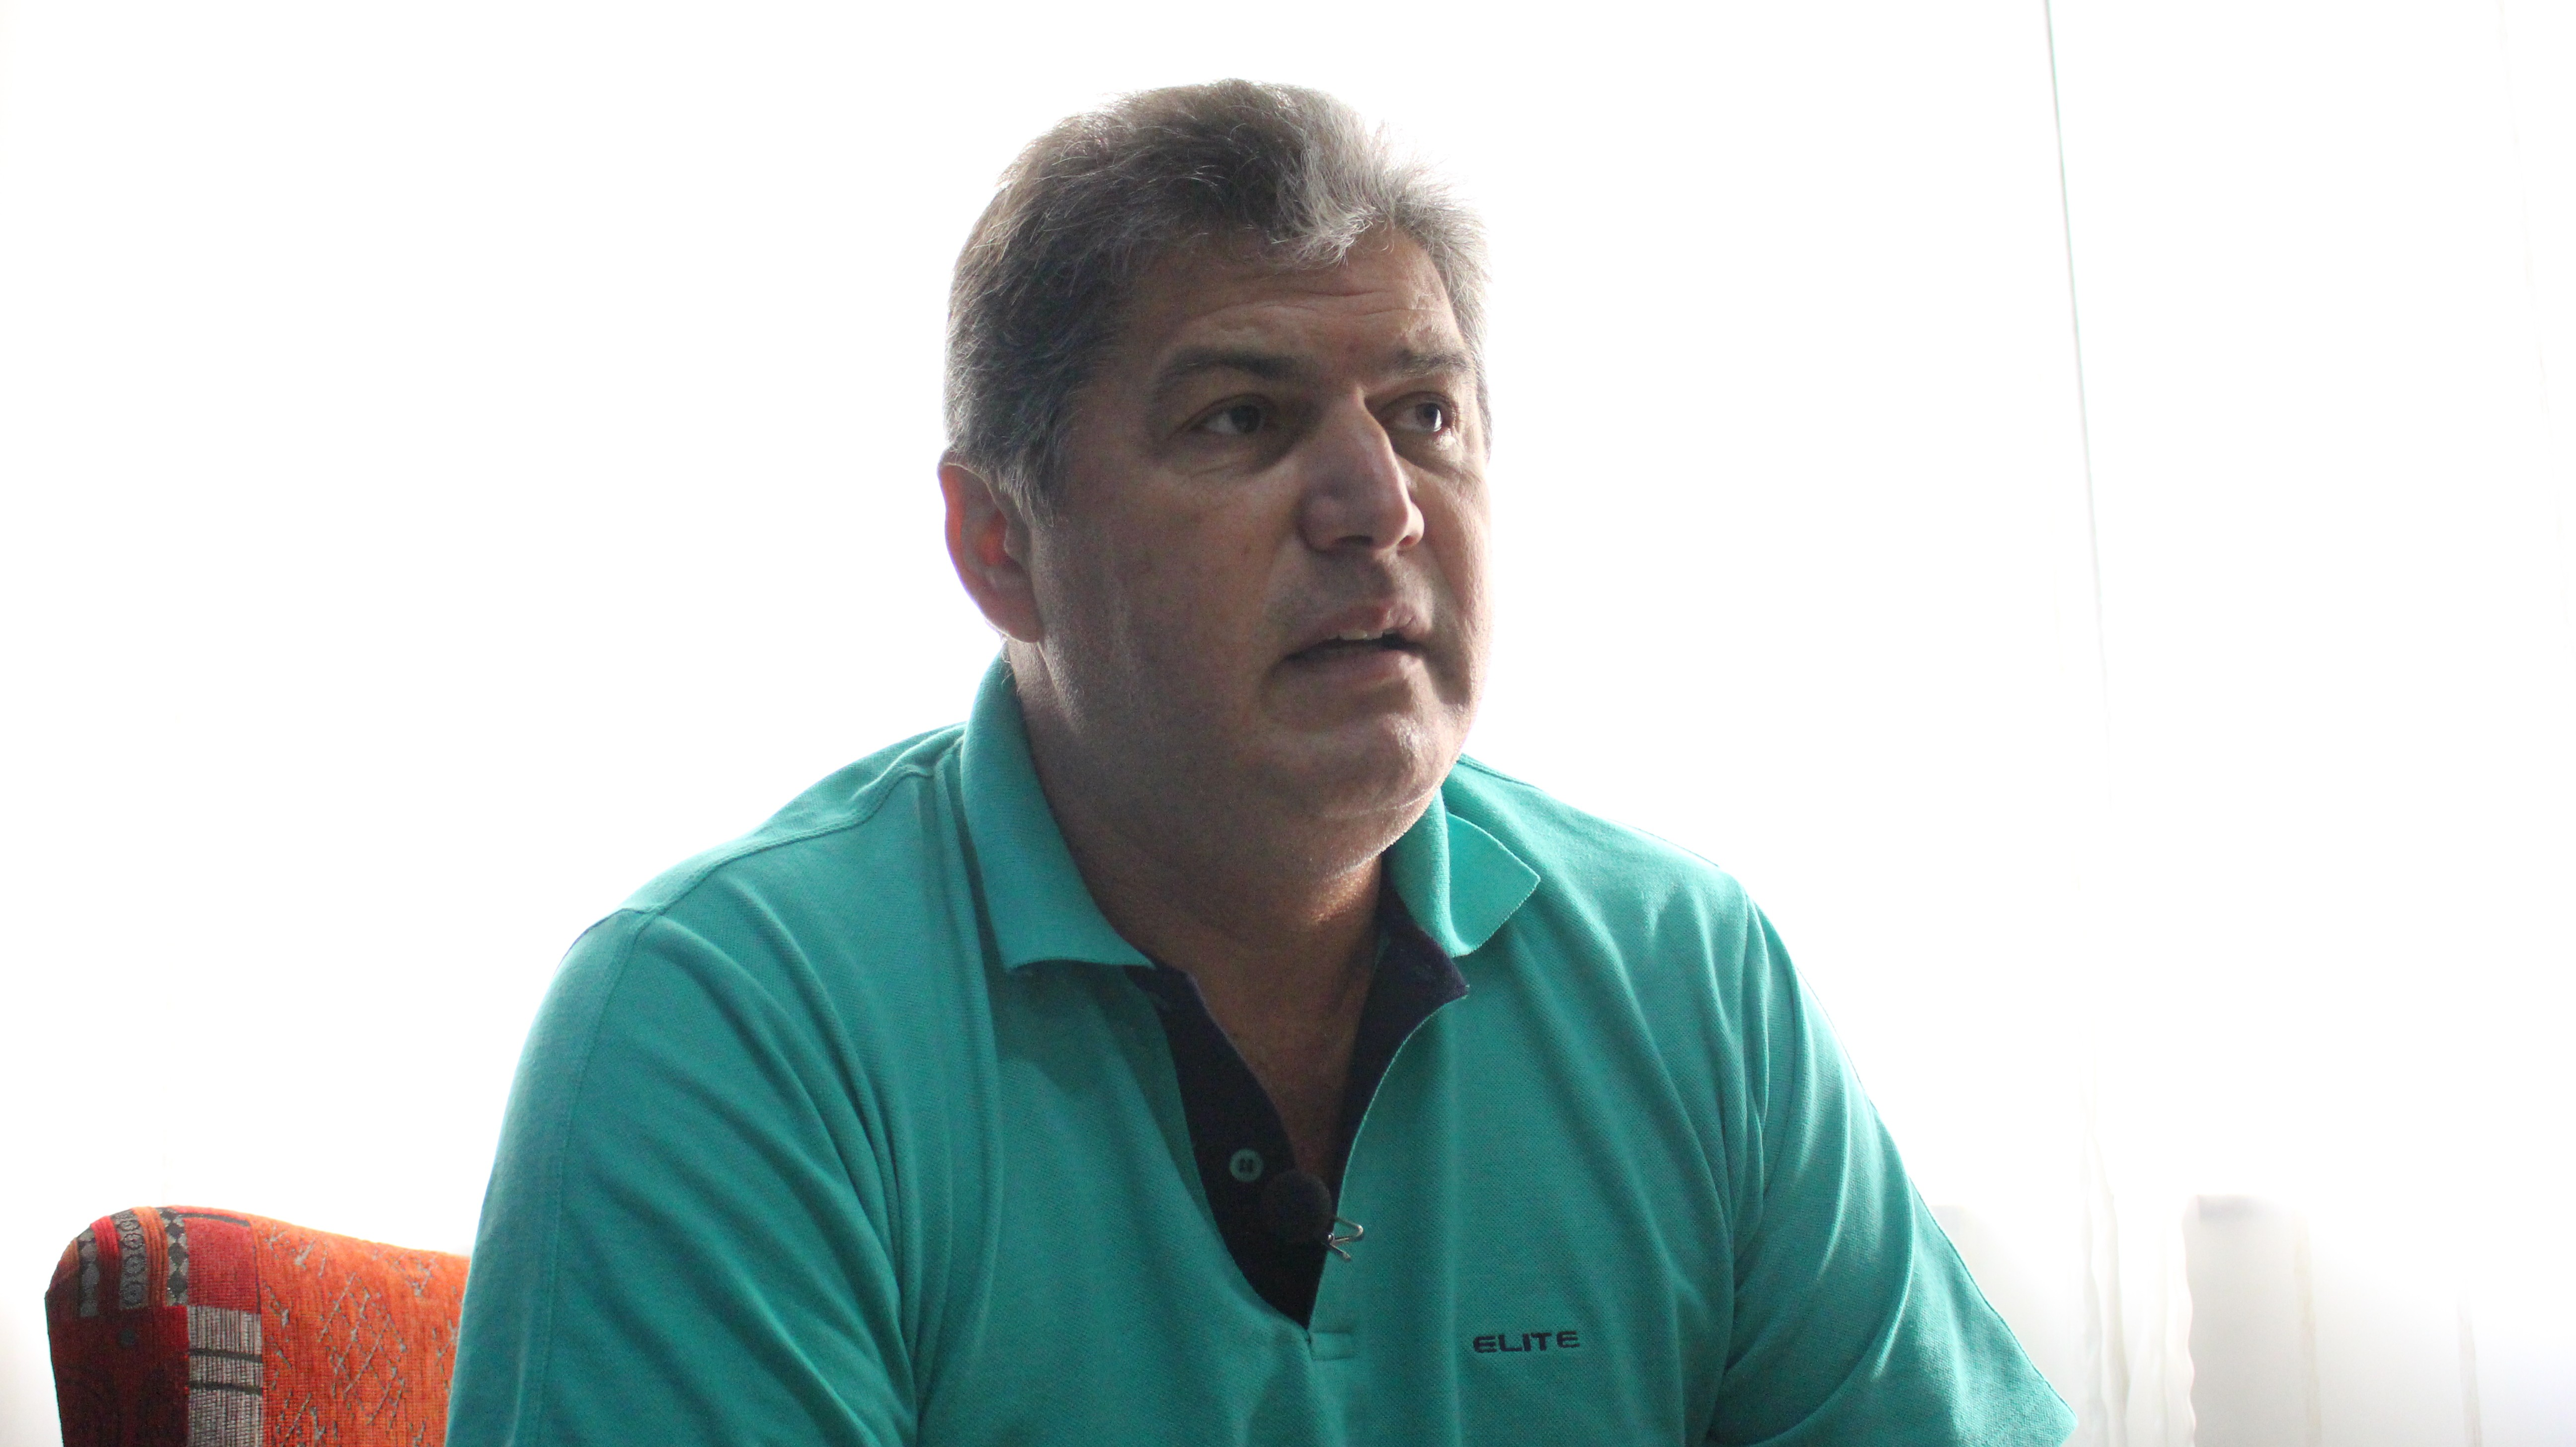 Justiça bloqueia bens de ex-prefeito de Cajati por oferecer cargos e dinheiro para escapar de cassação